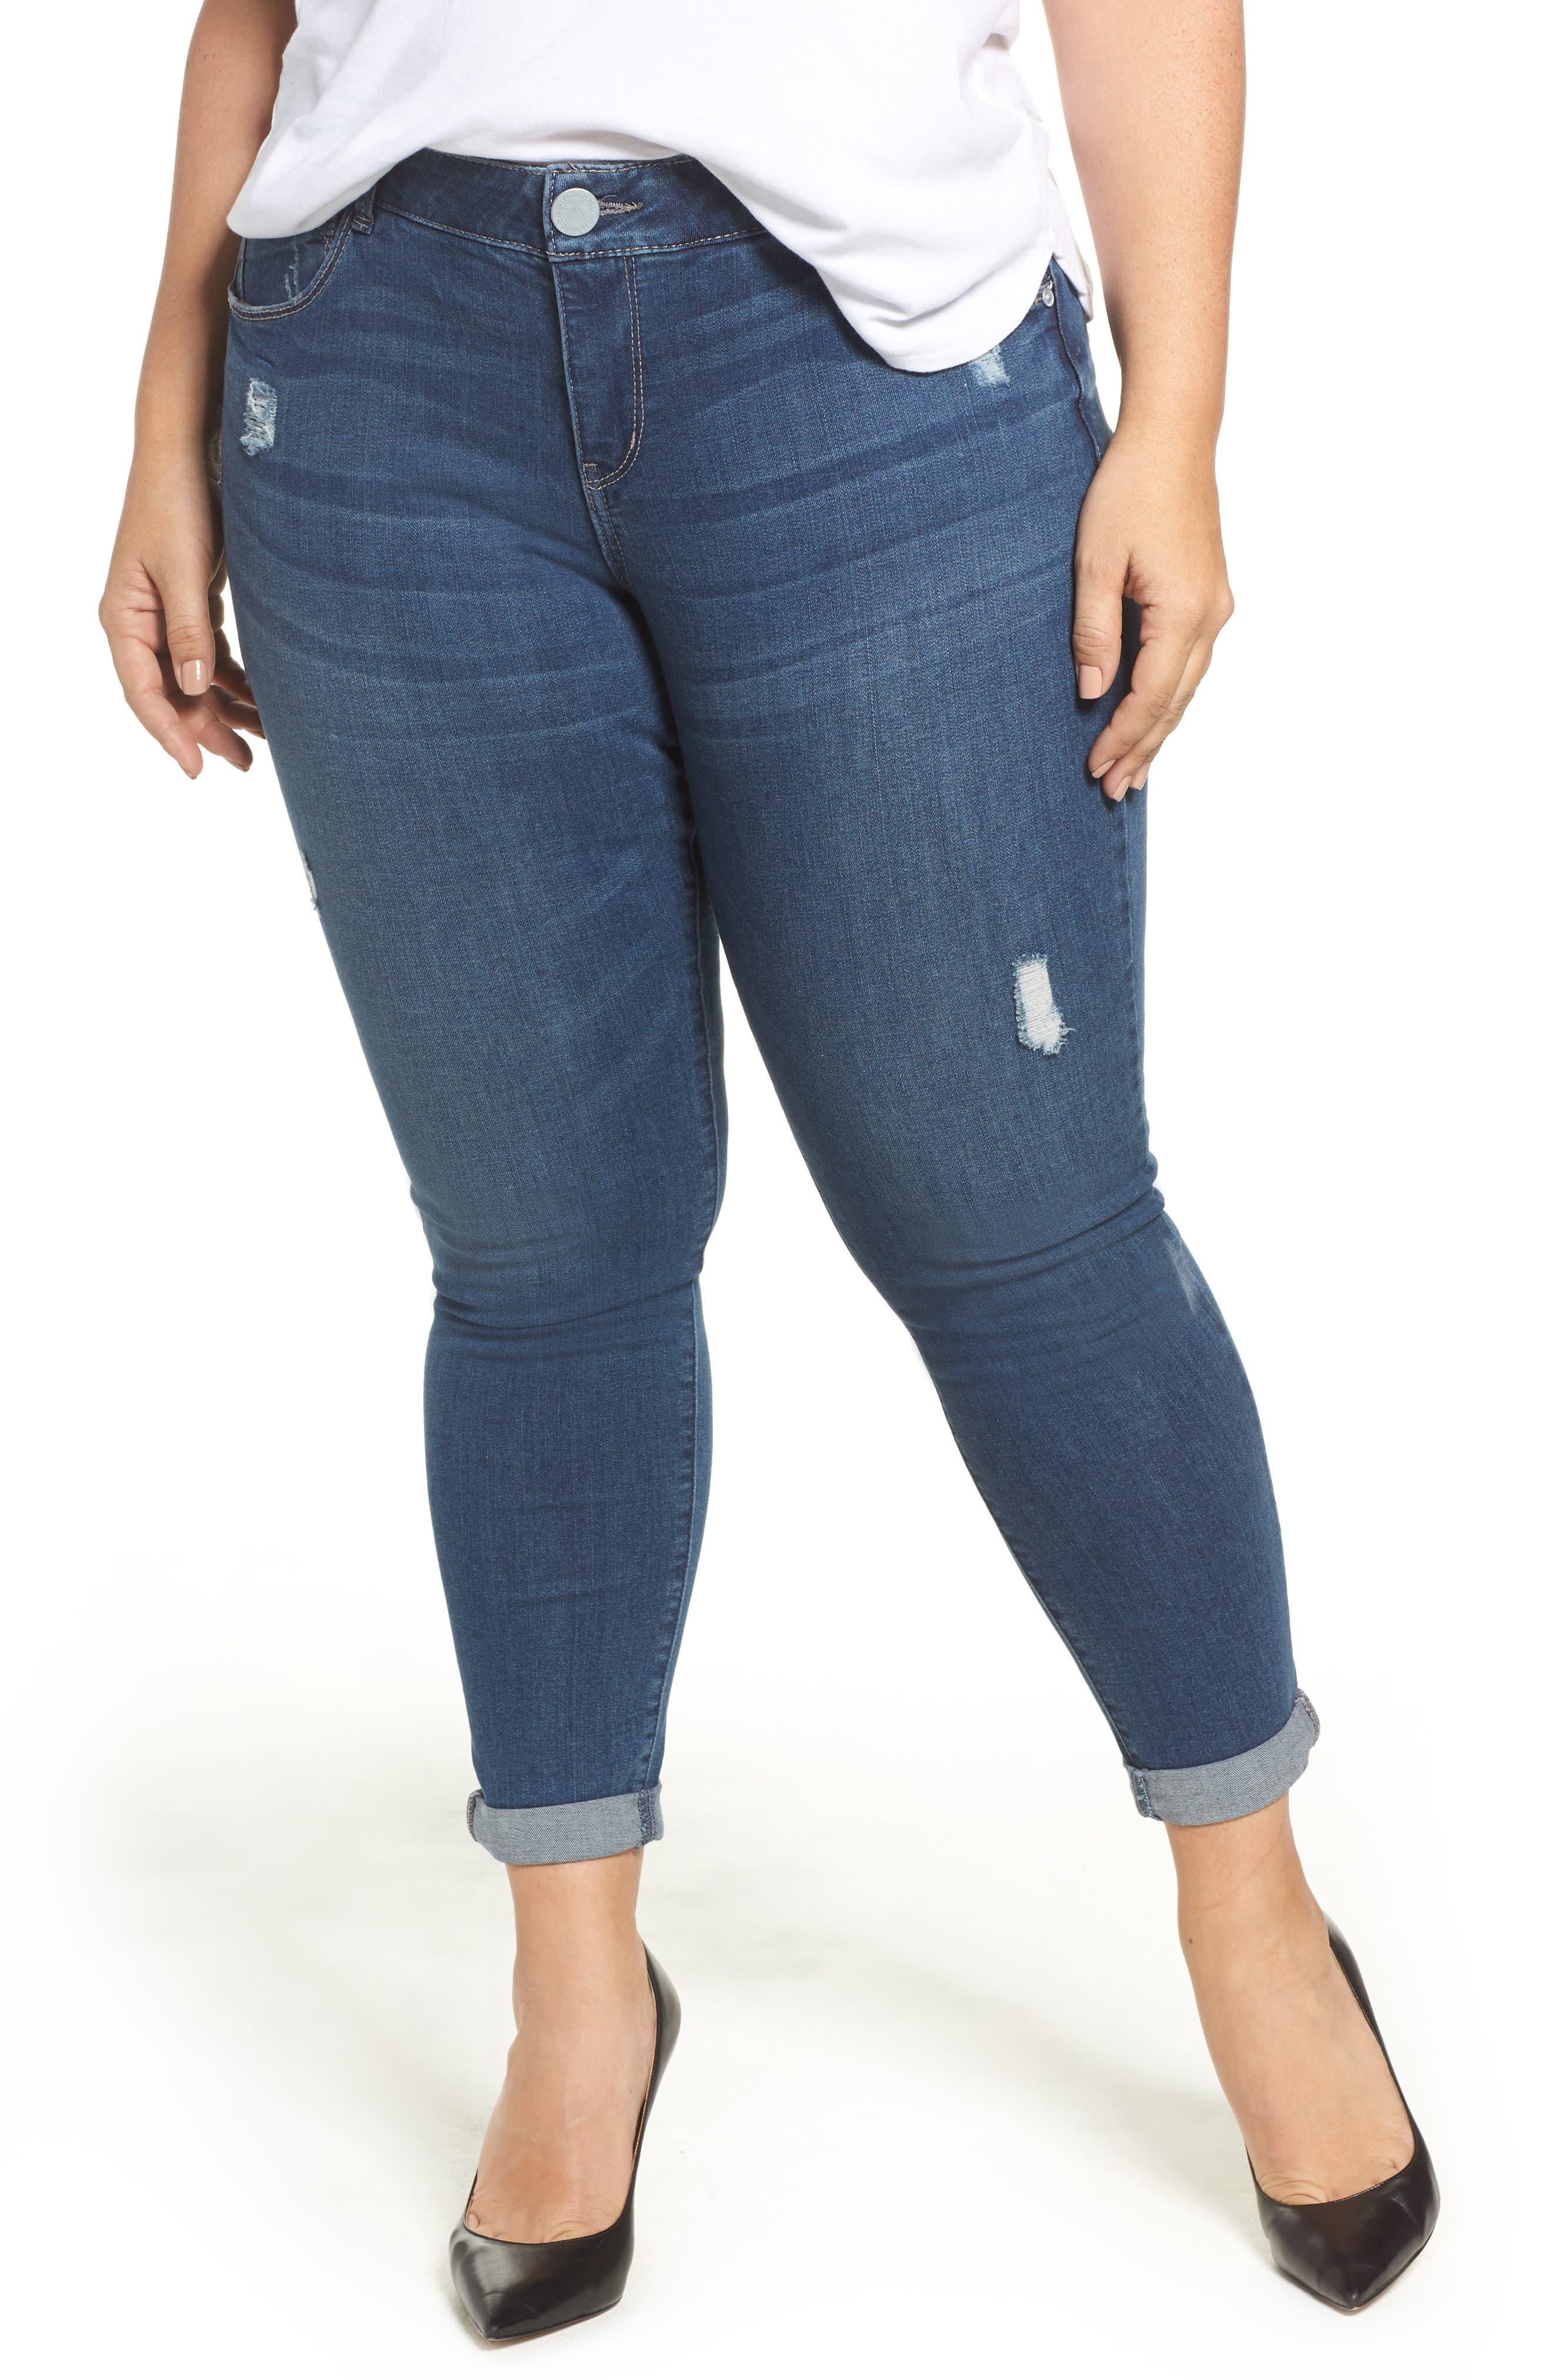 Ab-solution Boyfriend Ankle Jeans,                         Main,                         color, 420